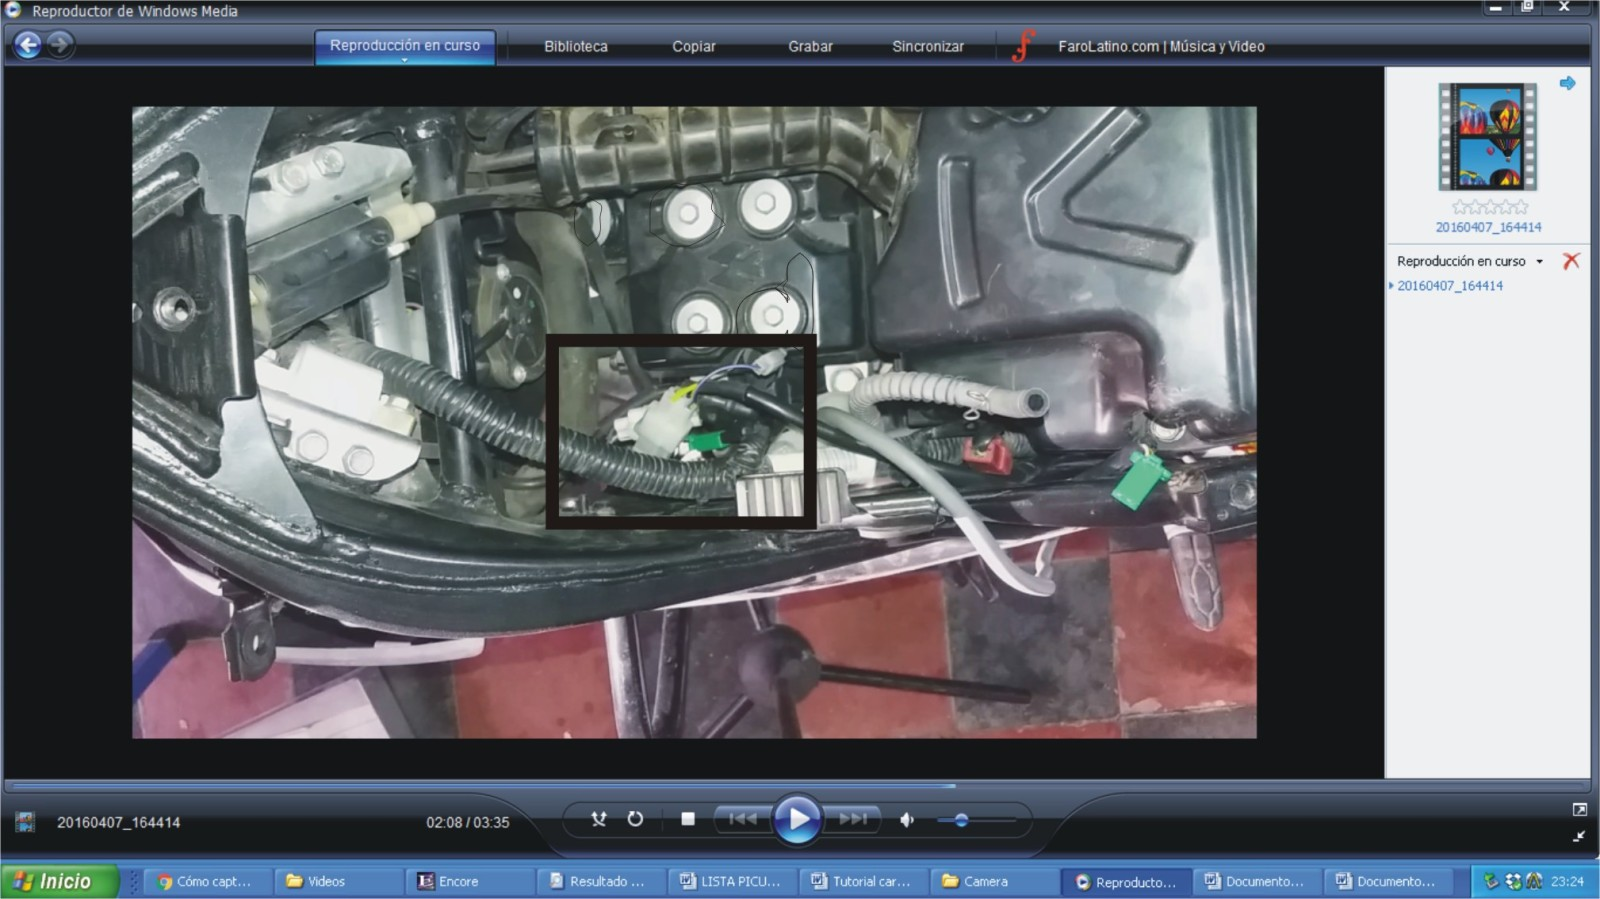 Como testear el circuito de carga de batería para descubrir fallas (Tutorial) 15fizrl